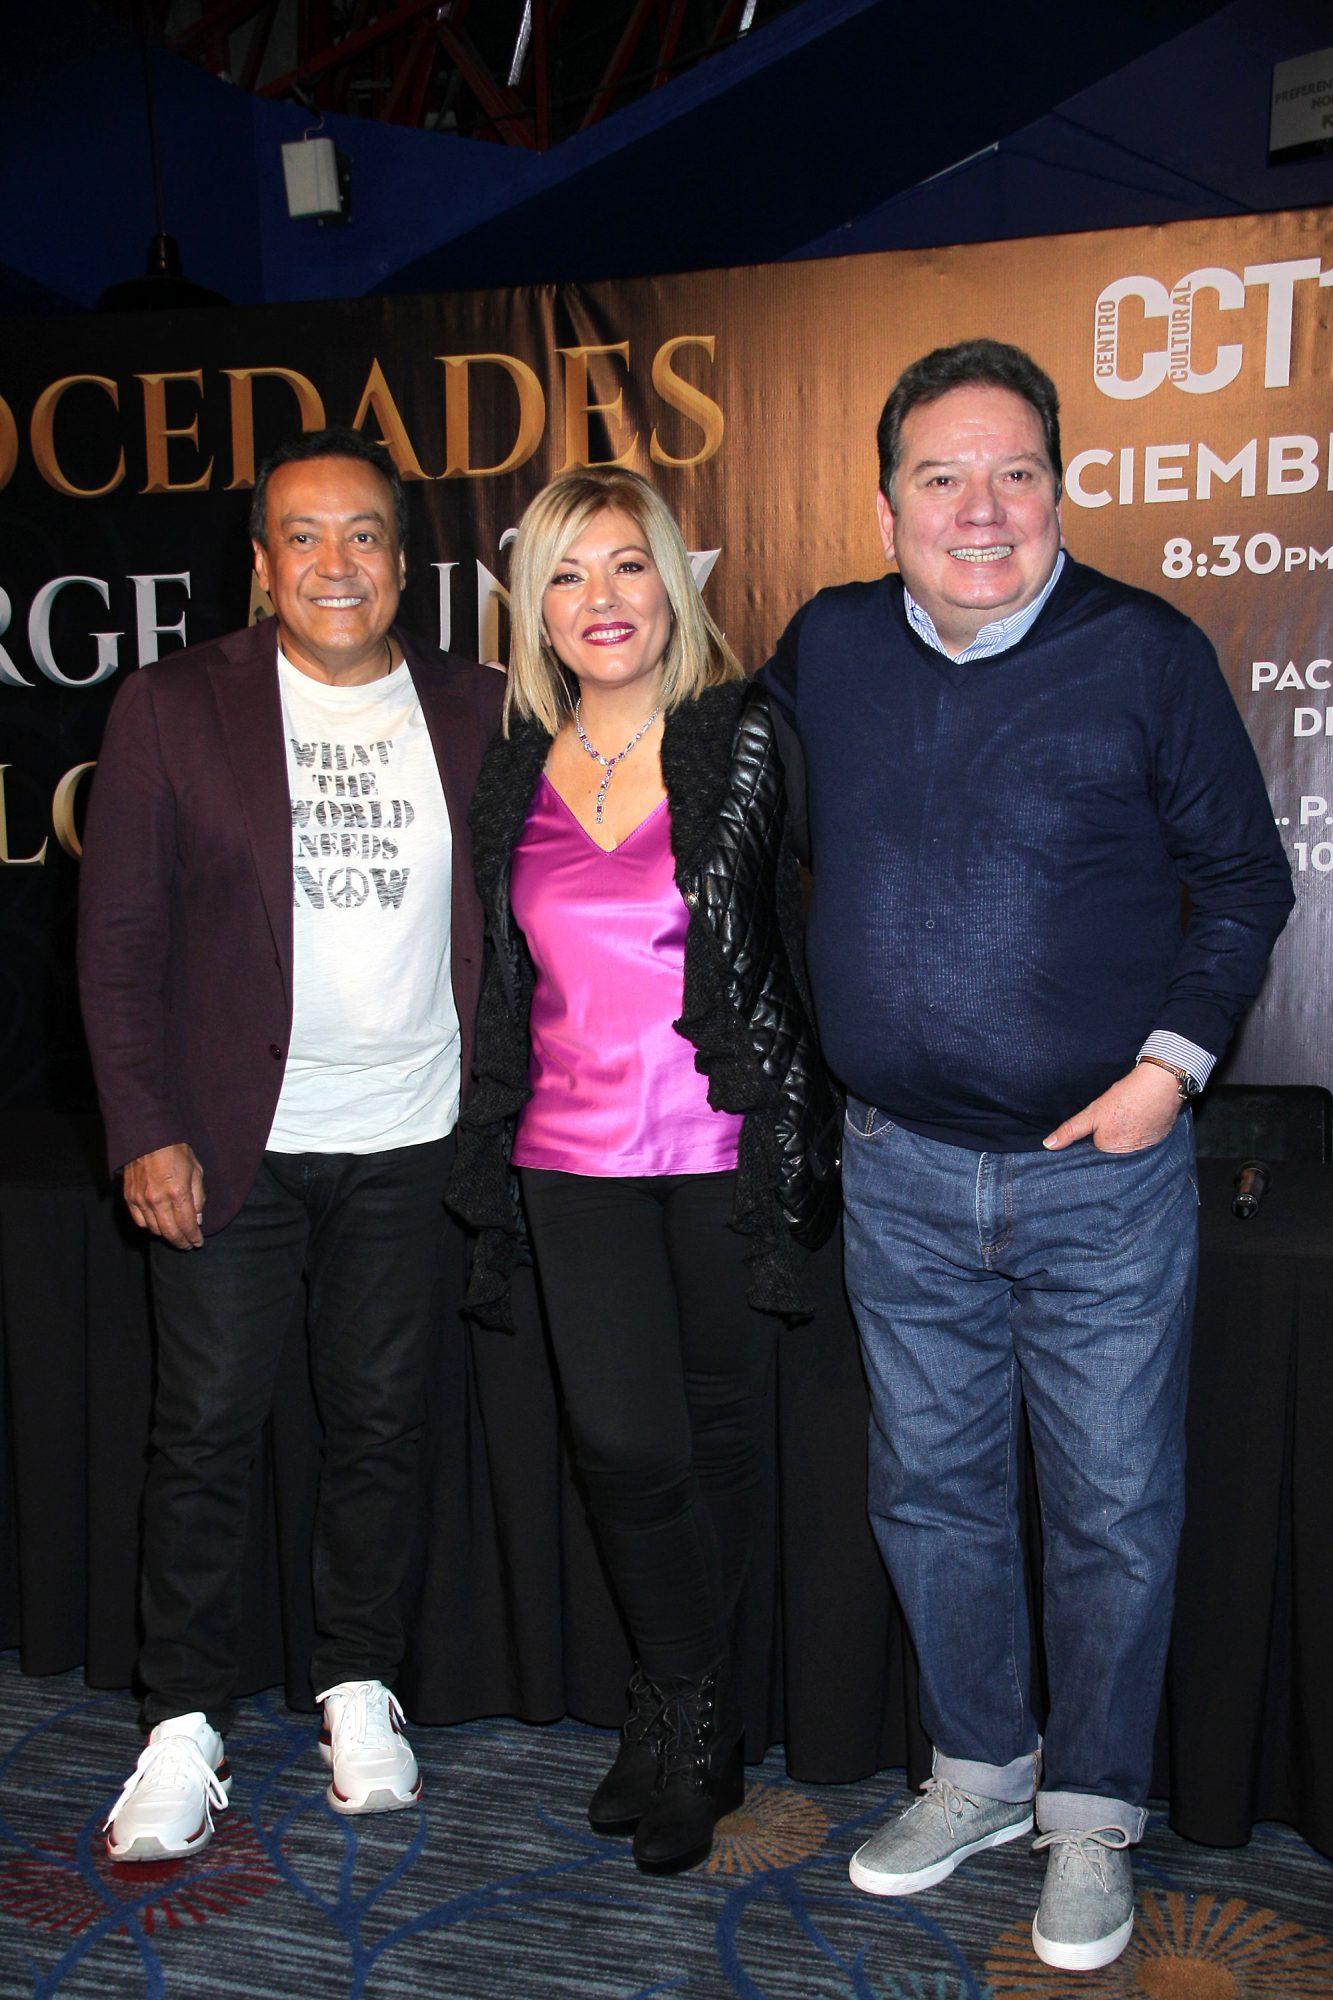 """Jorge """"Coque"""" Muñiz, Carlos Cuevas y Rosa Rodríguez, vocalista de Mocedades gira en mexico"""